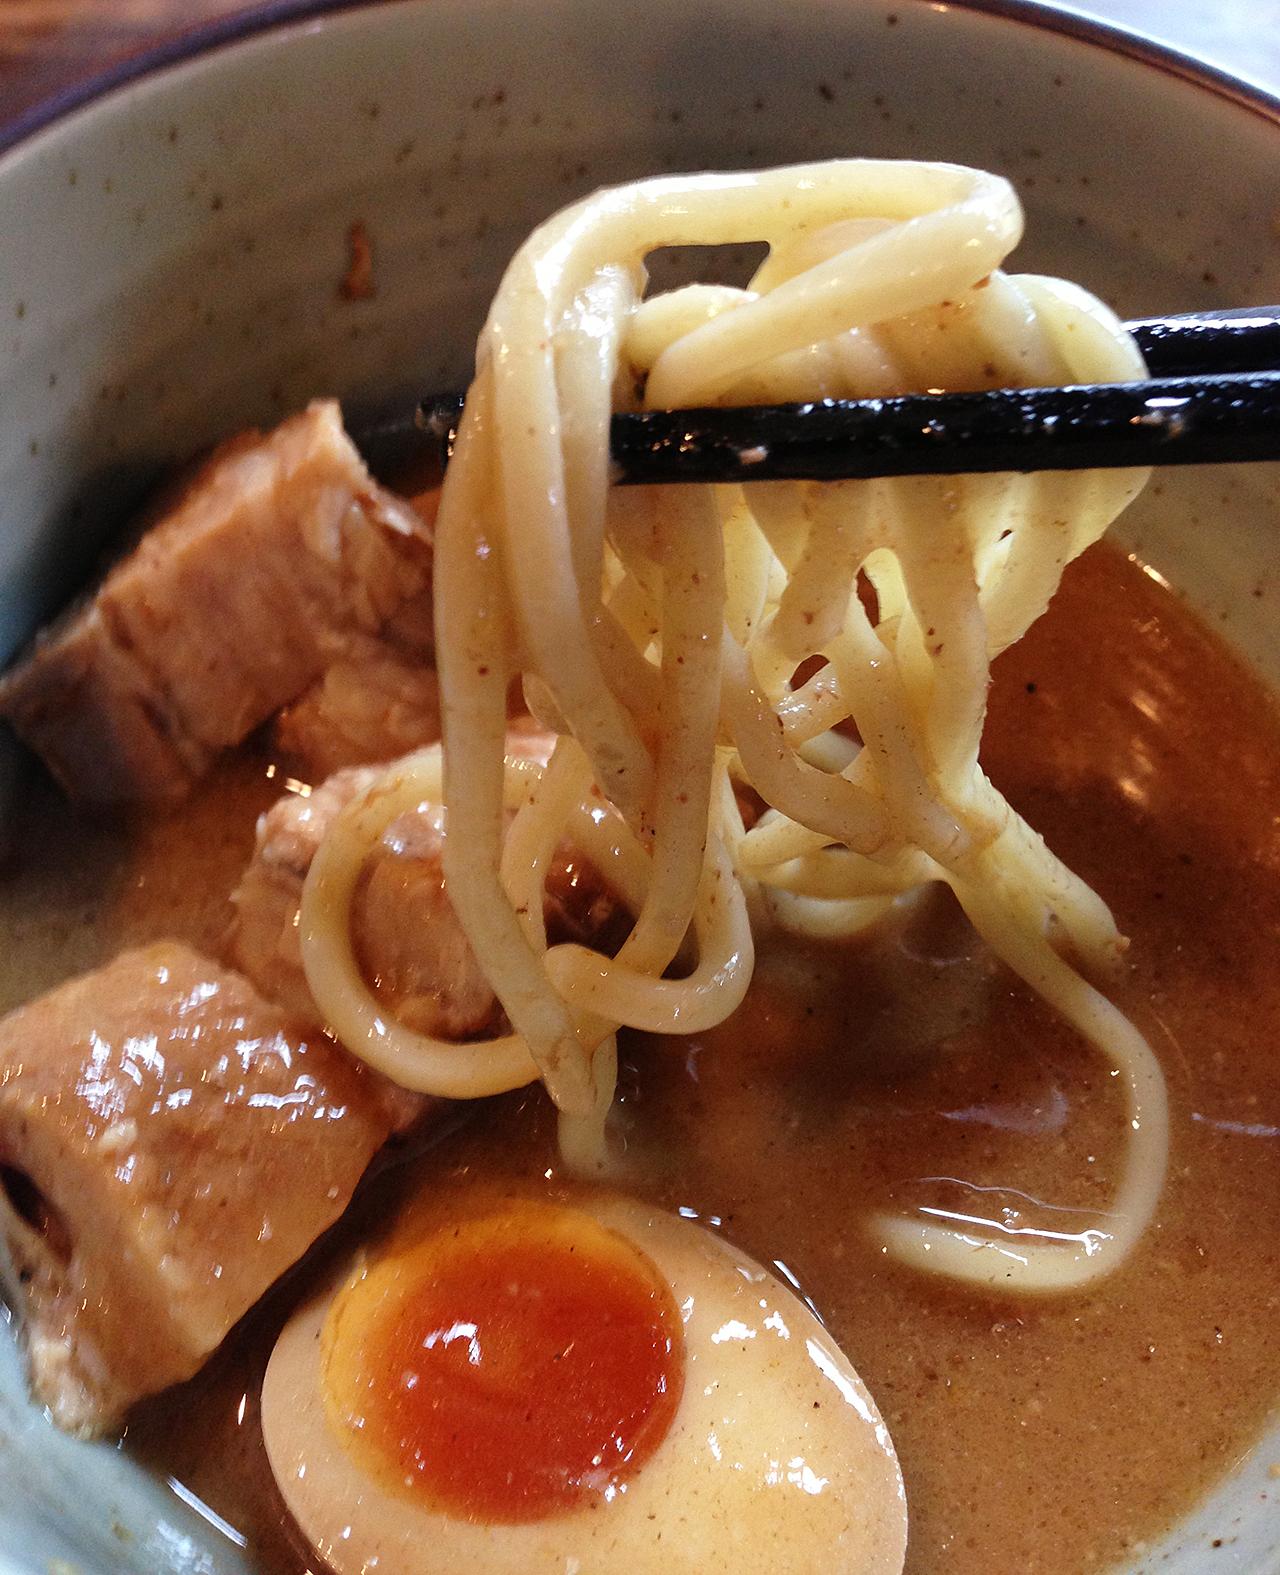 麺食べ放題、スープおかわりし放題のつけ麺地獄!期間限定ワイルドオリオンに行ってきた!